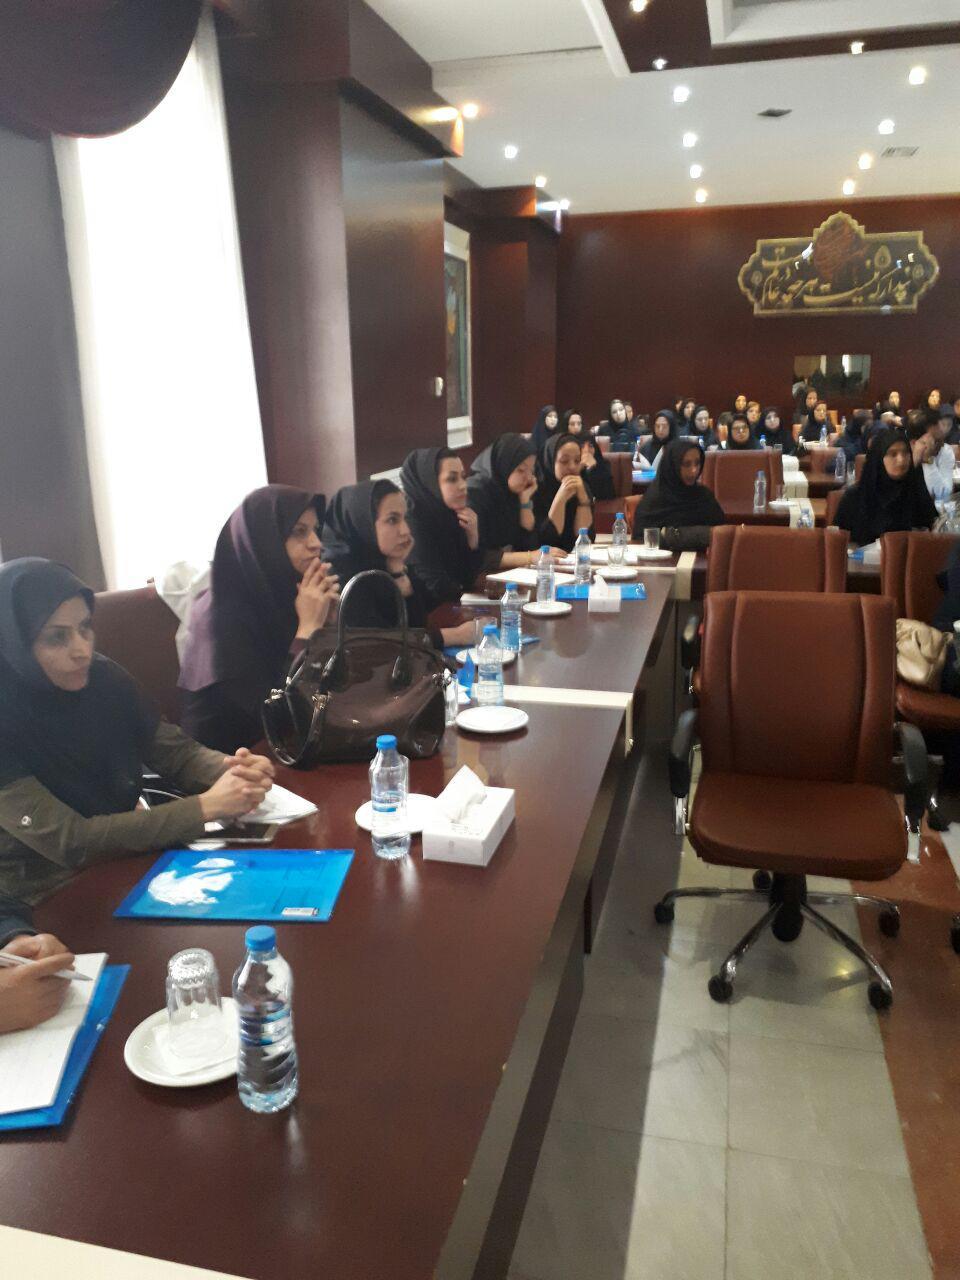 برگزاری سمینار آموزش پرستاری دستگاه های دیالیز  4008s Classic فرزنیوس در مشهد 14